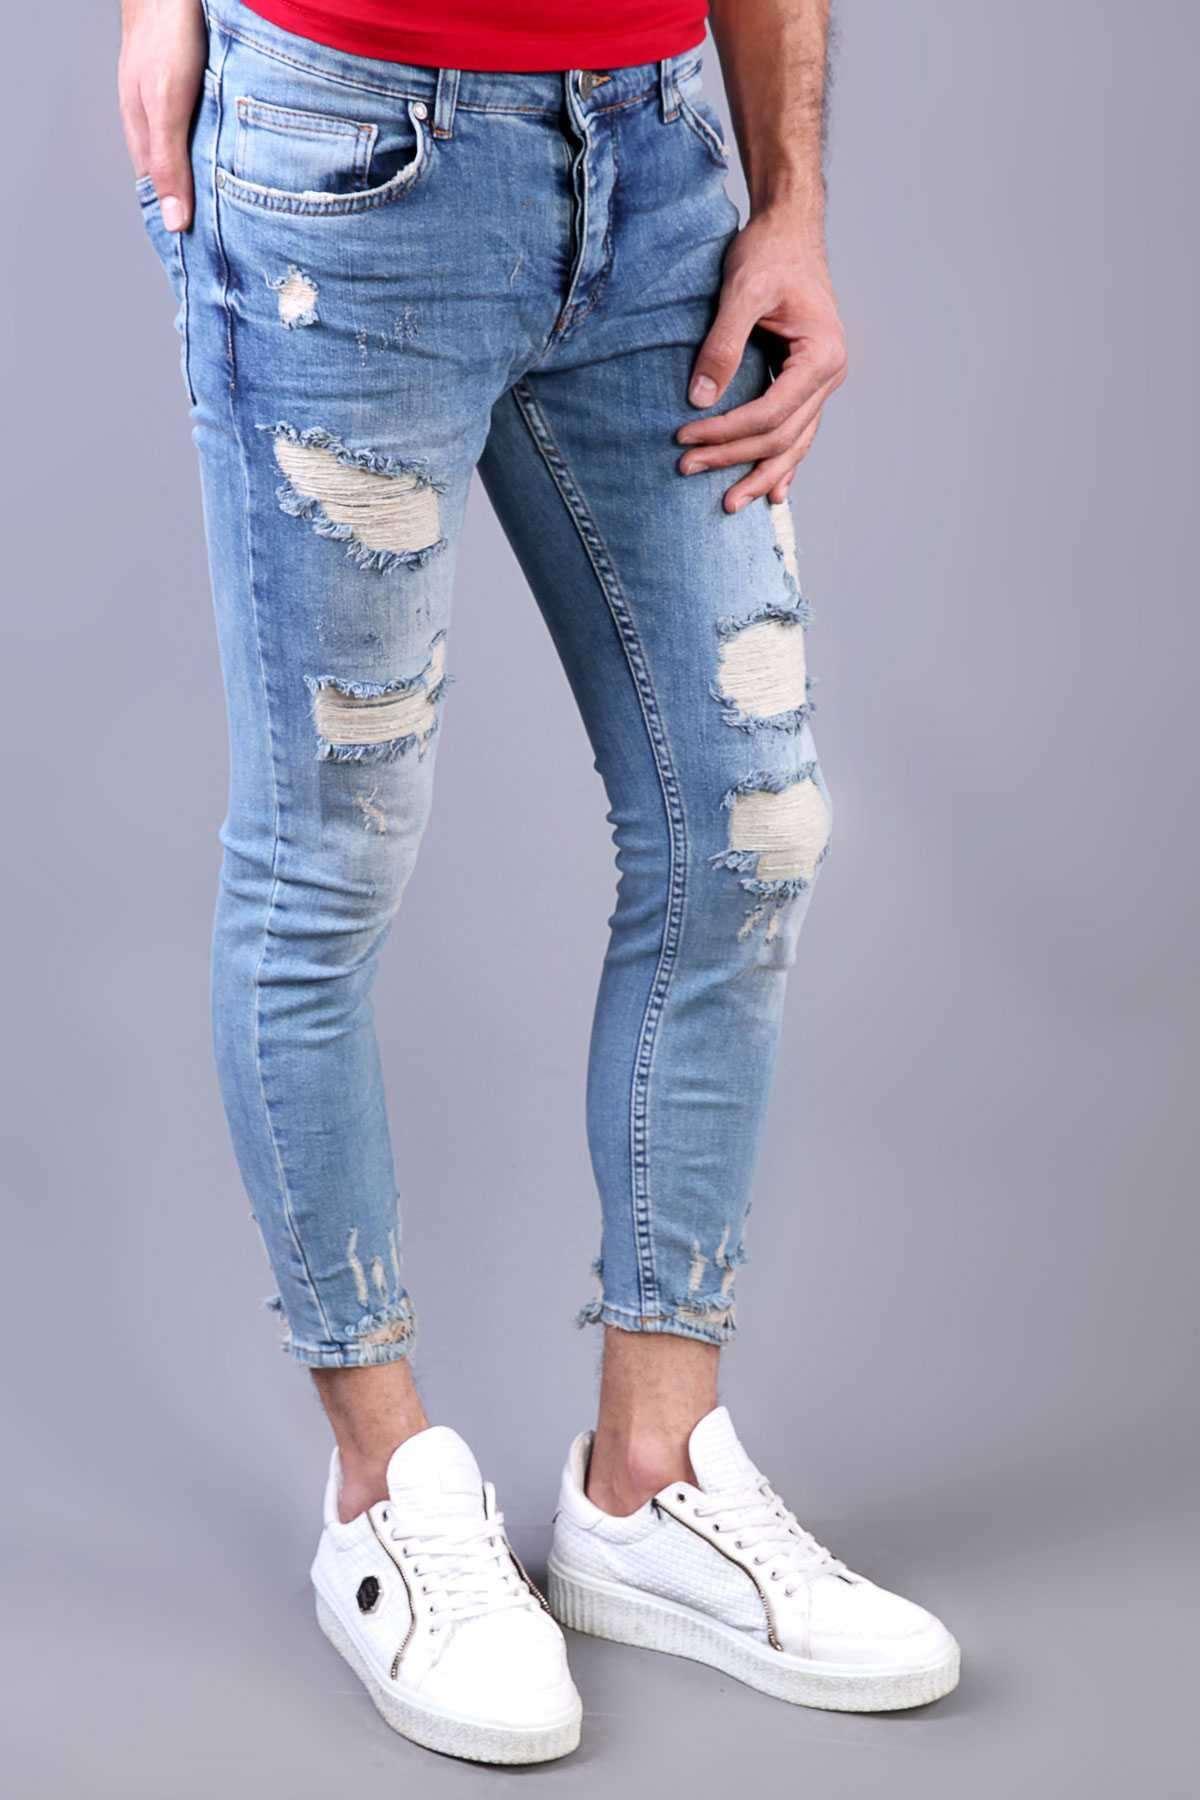 Paça Ucu Yırtık İp Yamalı Taşlamalı Bilek Boy Kot Pantolon Açık-Mavi